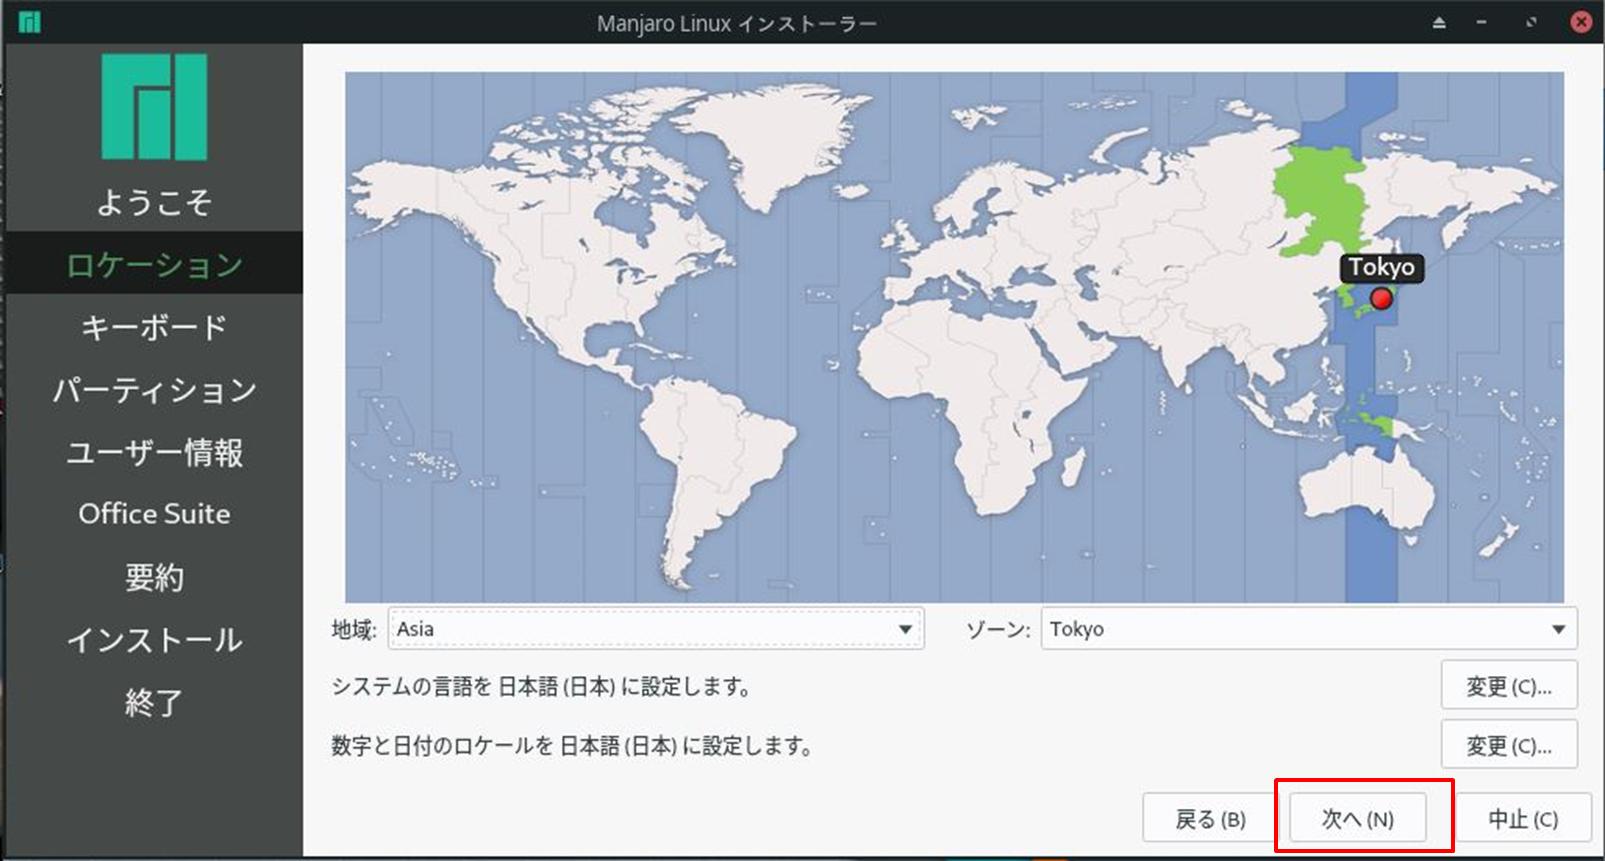 manjaro_installer1